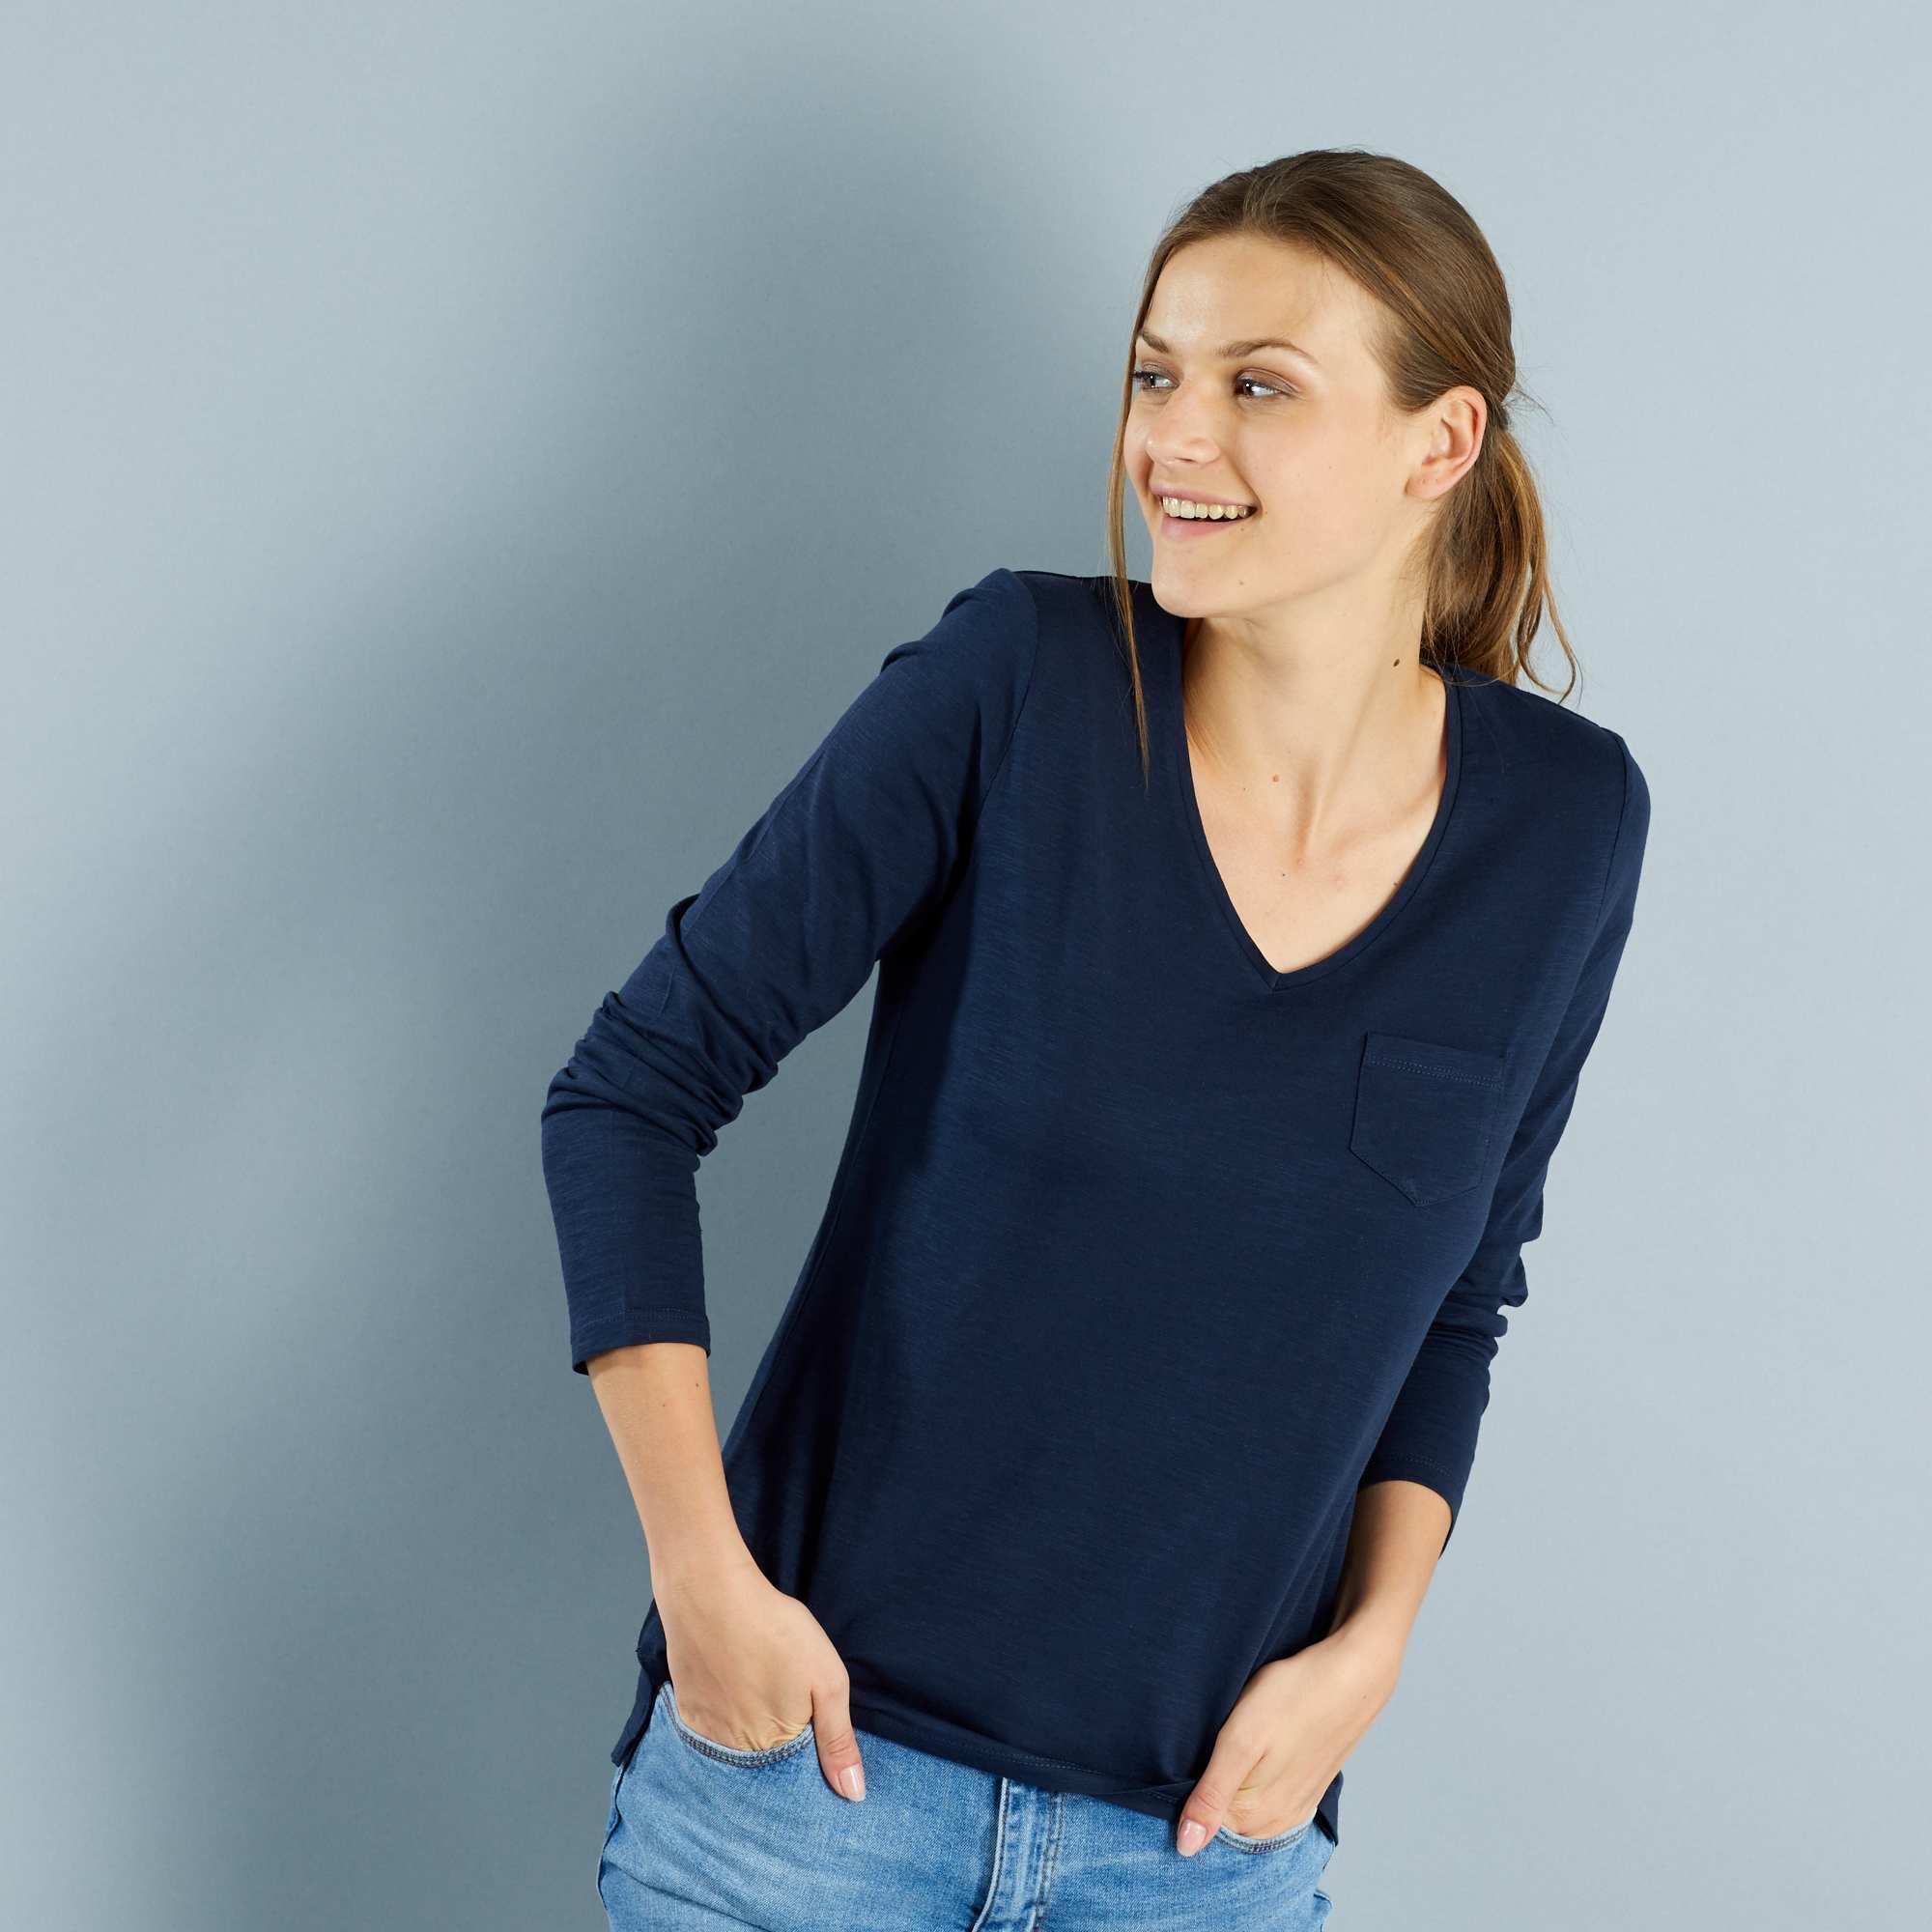 f563dfefe44b33 T-shirt met een V-hals en lange mouwen van gevlamd tricot blauw Dameskleding